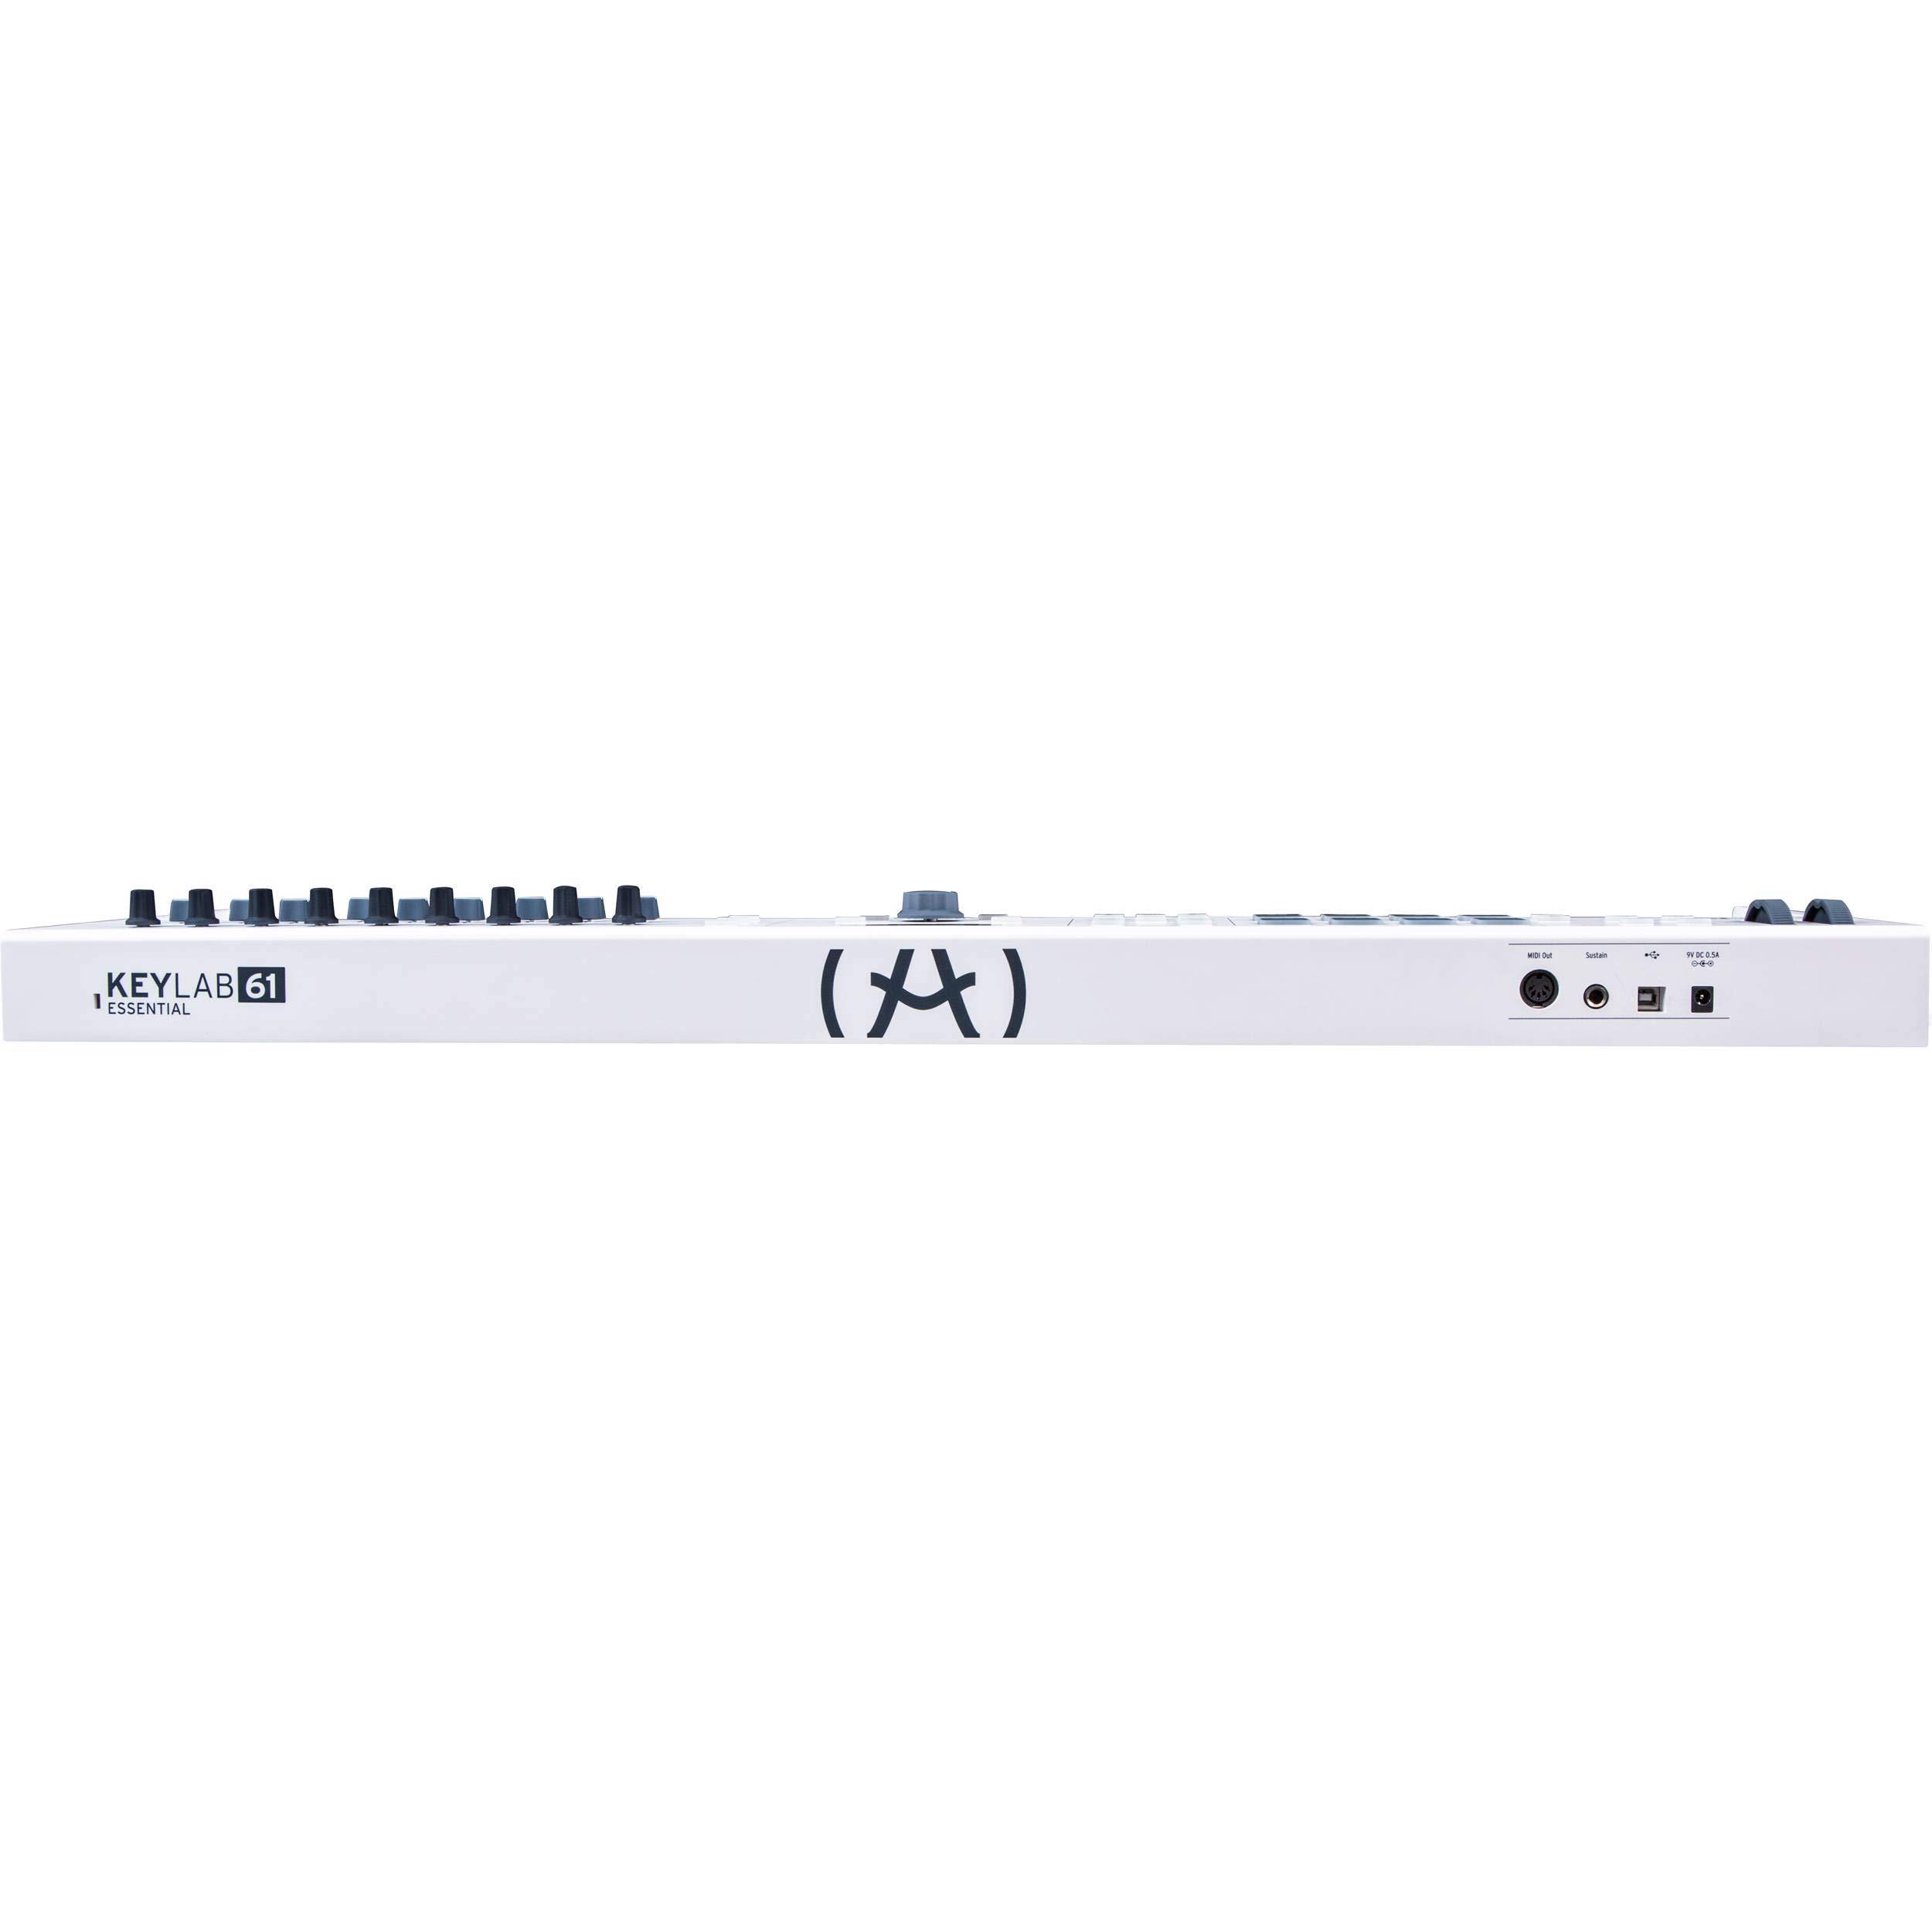 Arturia KeyLab 61 Essential | 61 Key MIDI Controller Keyboard by Arturia (Image #2)